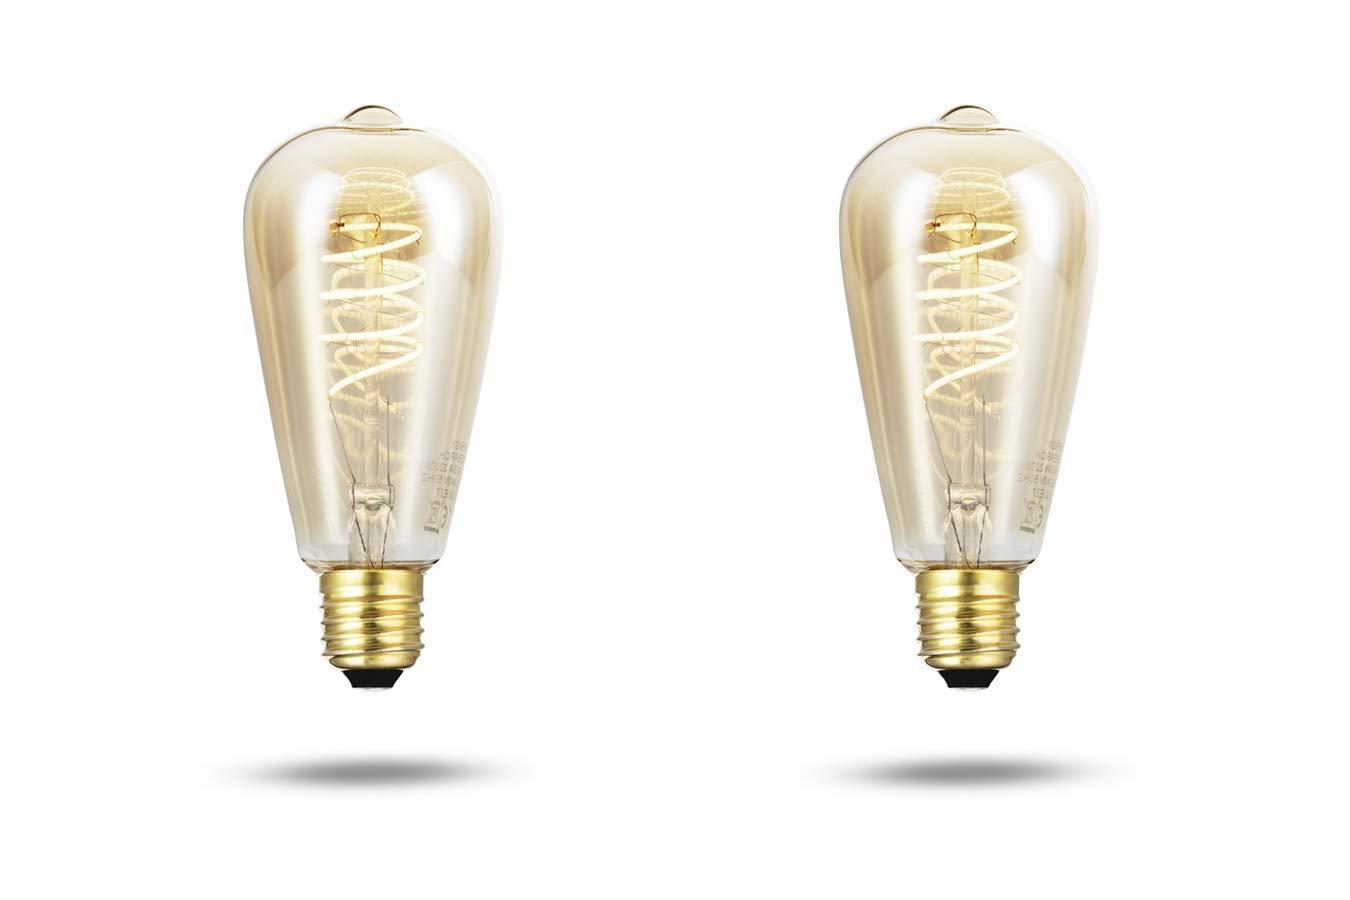 LED LOVERS Bombilla LED E27 con Filamento de Carbono I Juego de 2 bombillas de 5W y 350 lúmenes I Bombillas LED con Vida útil hasta 15000 horas I Luz ...